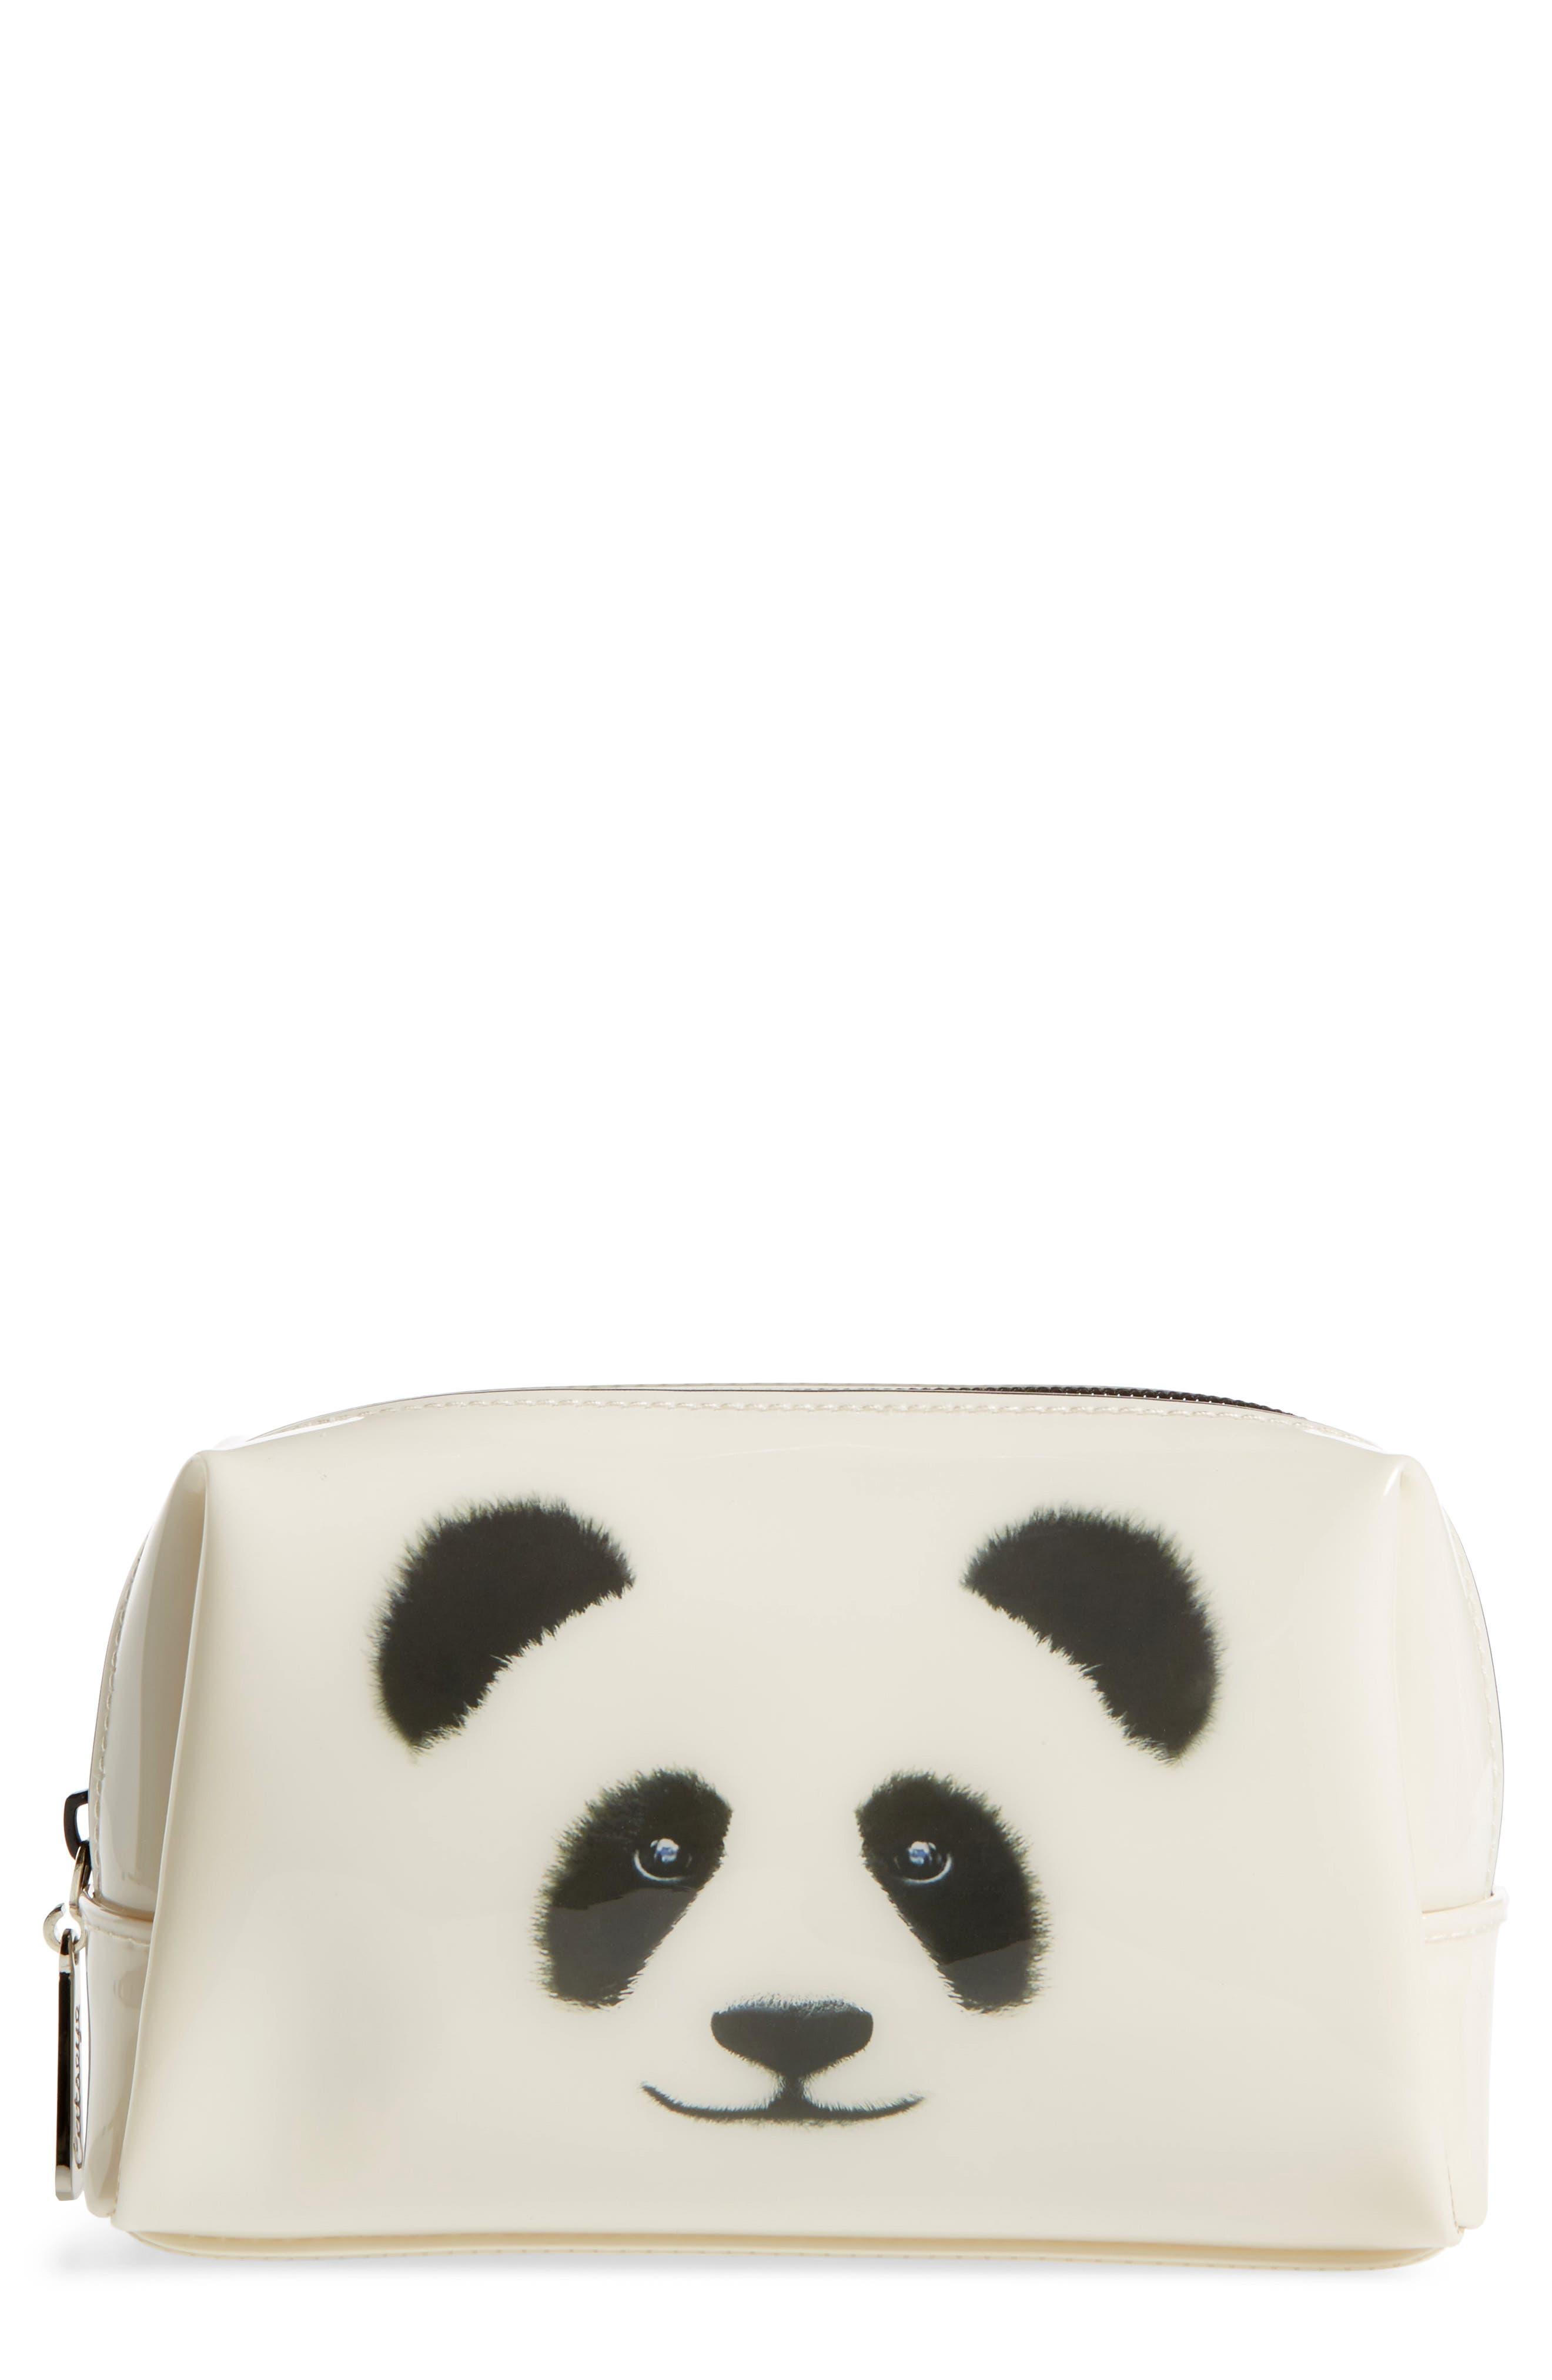 Catseye London Monochrome Panda Cosmetics Case